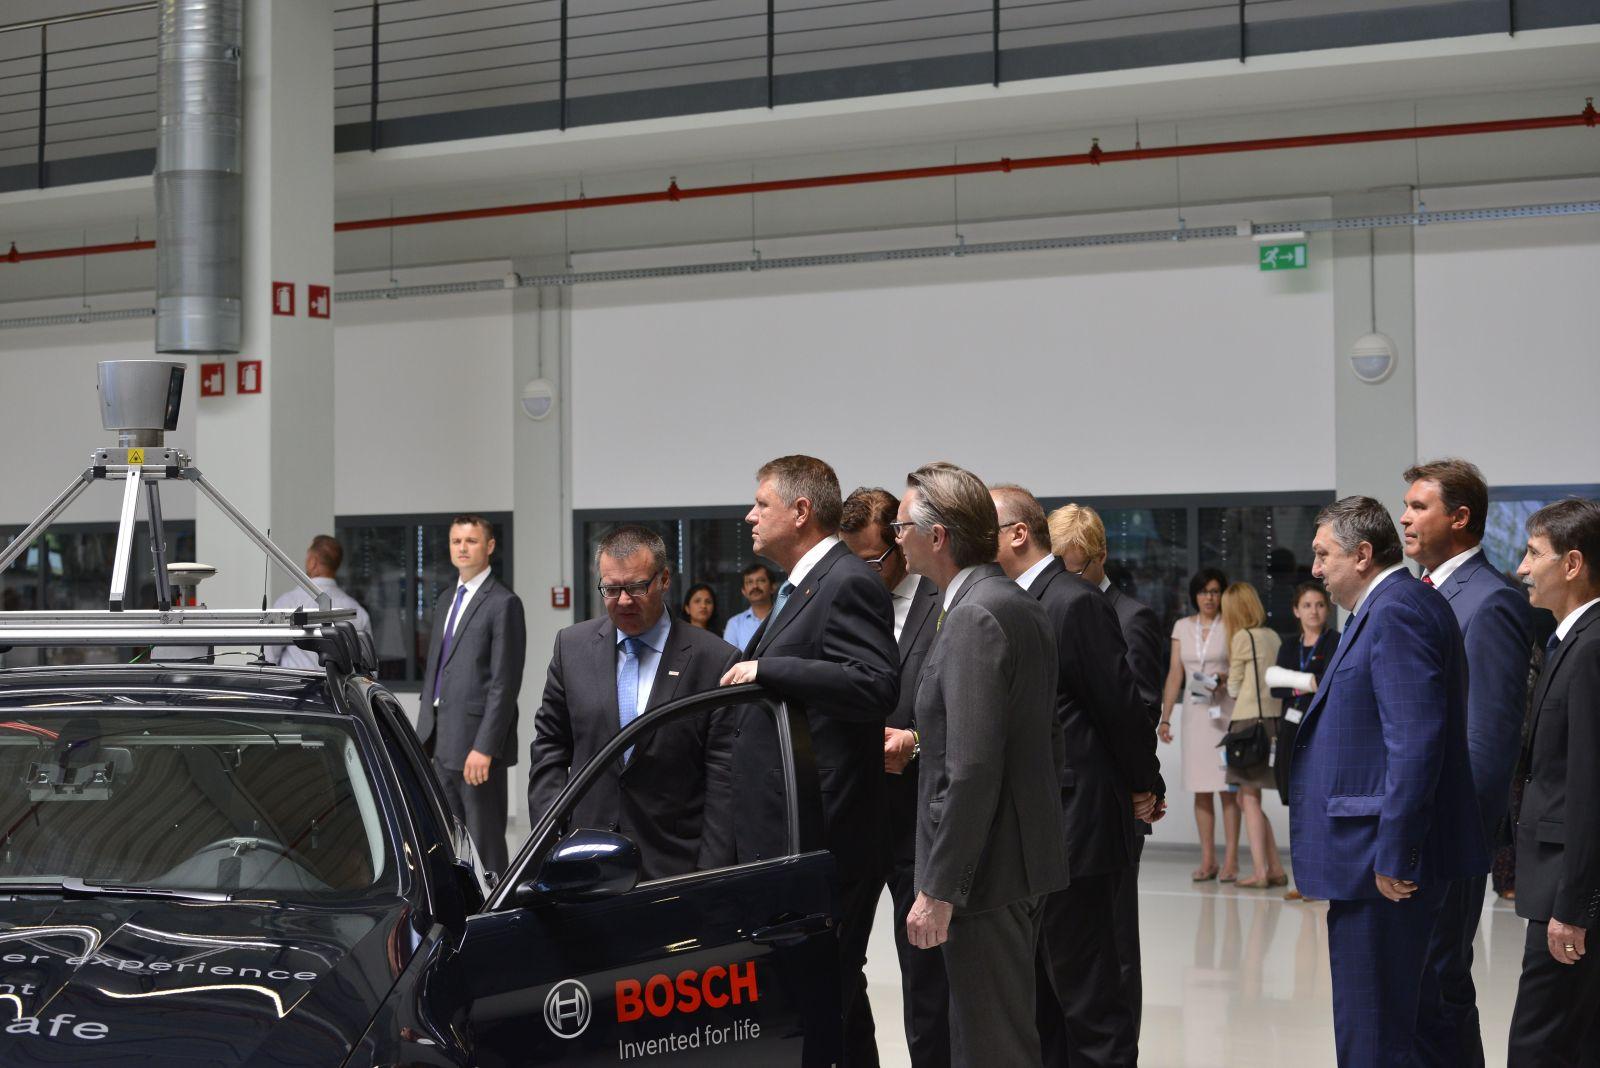 Presedintele Iohannis a inspectat masina autonoma BOSCH